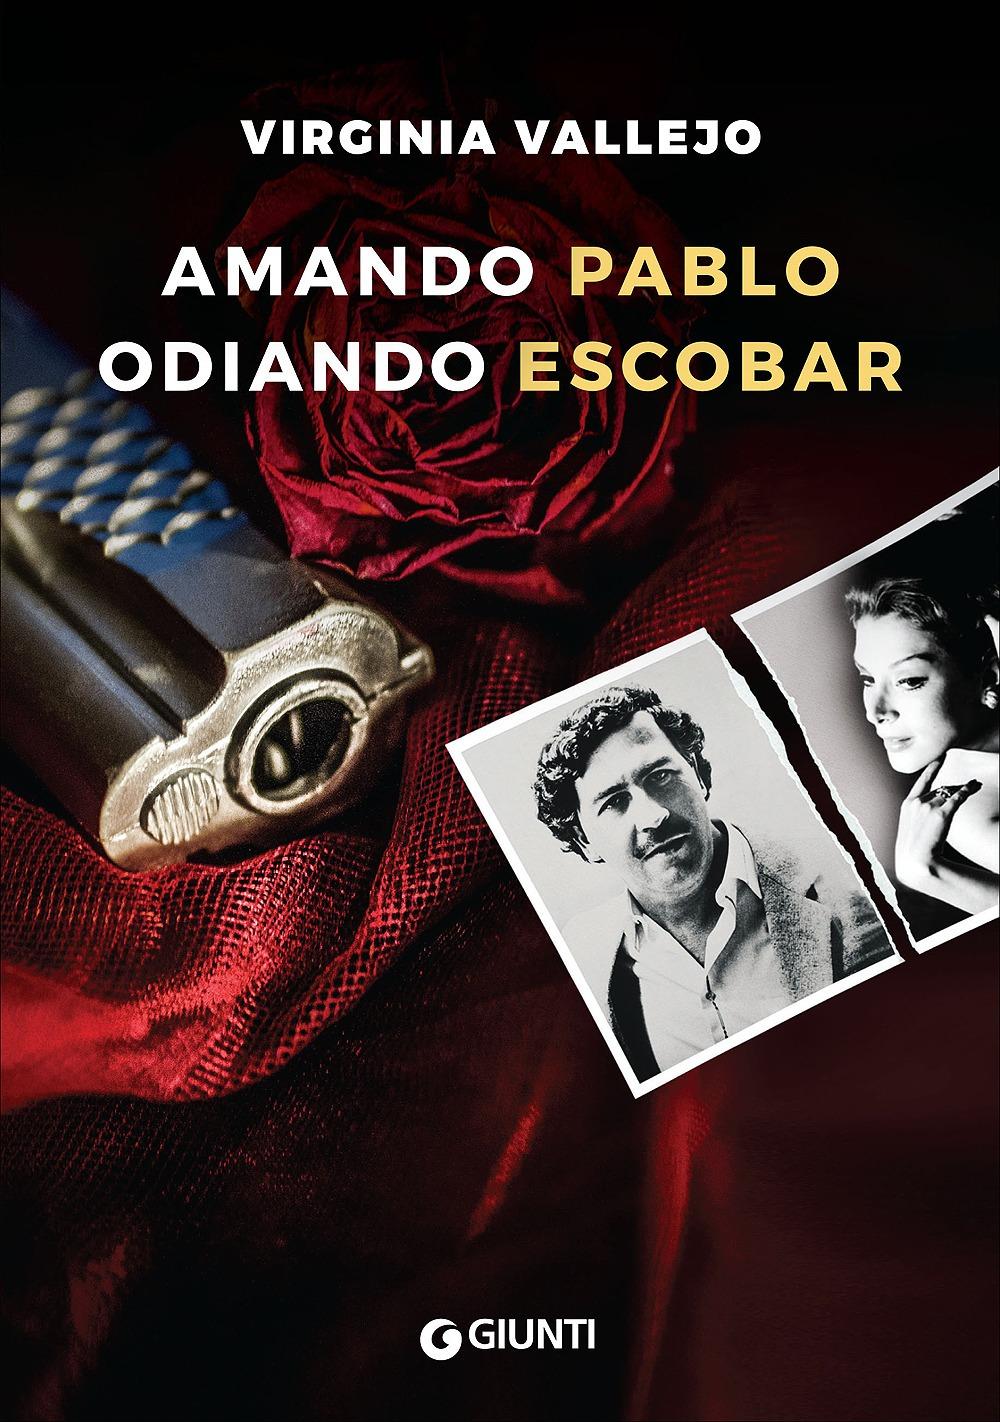 Recensione di Amando Pablo Odiando Escobar – V. Vallejo